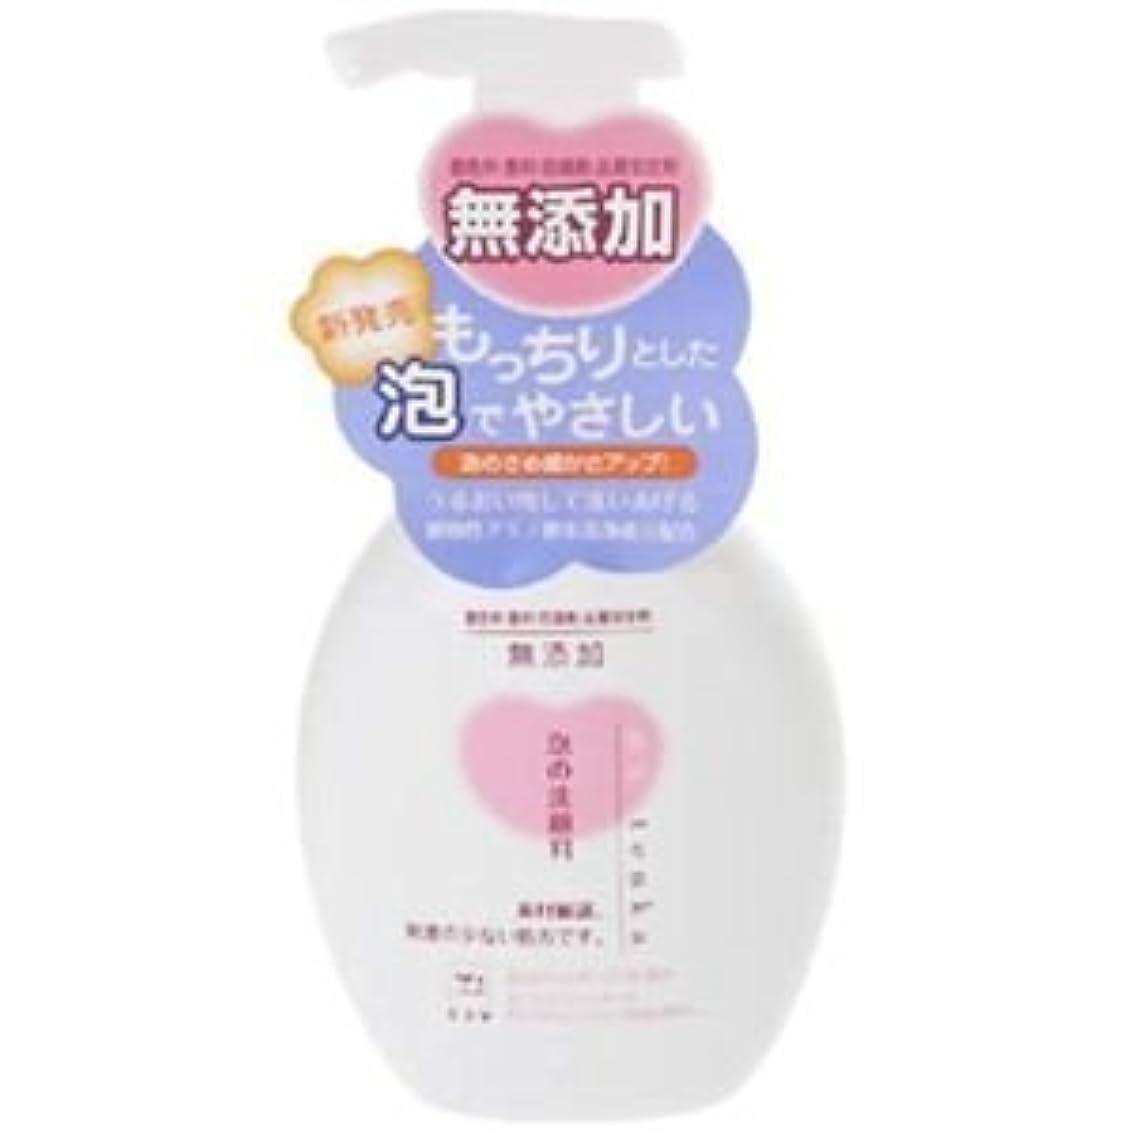 先に熟達テストカウブランド 無添加 泡の洗顔料 ポンプ 200ml 6セット